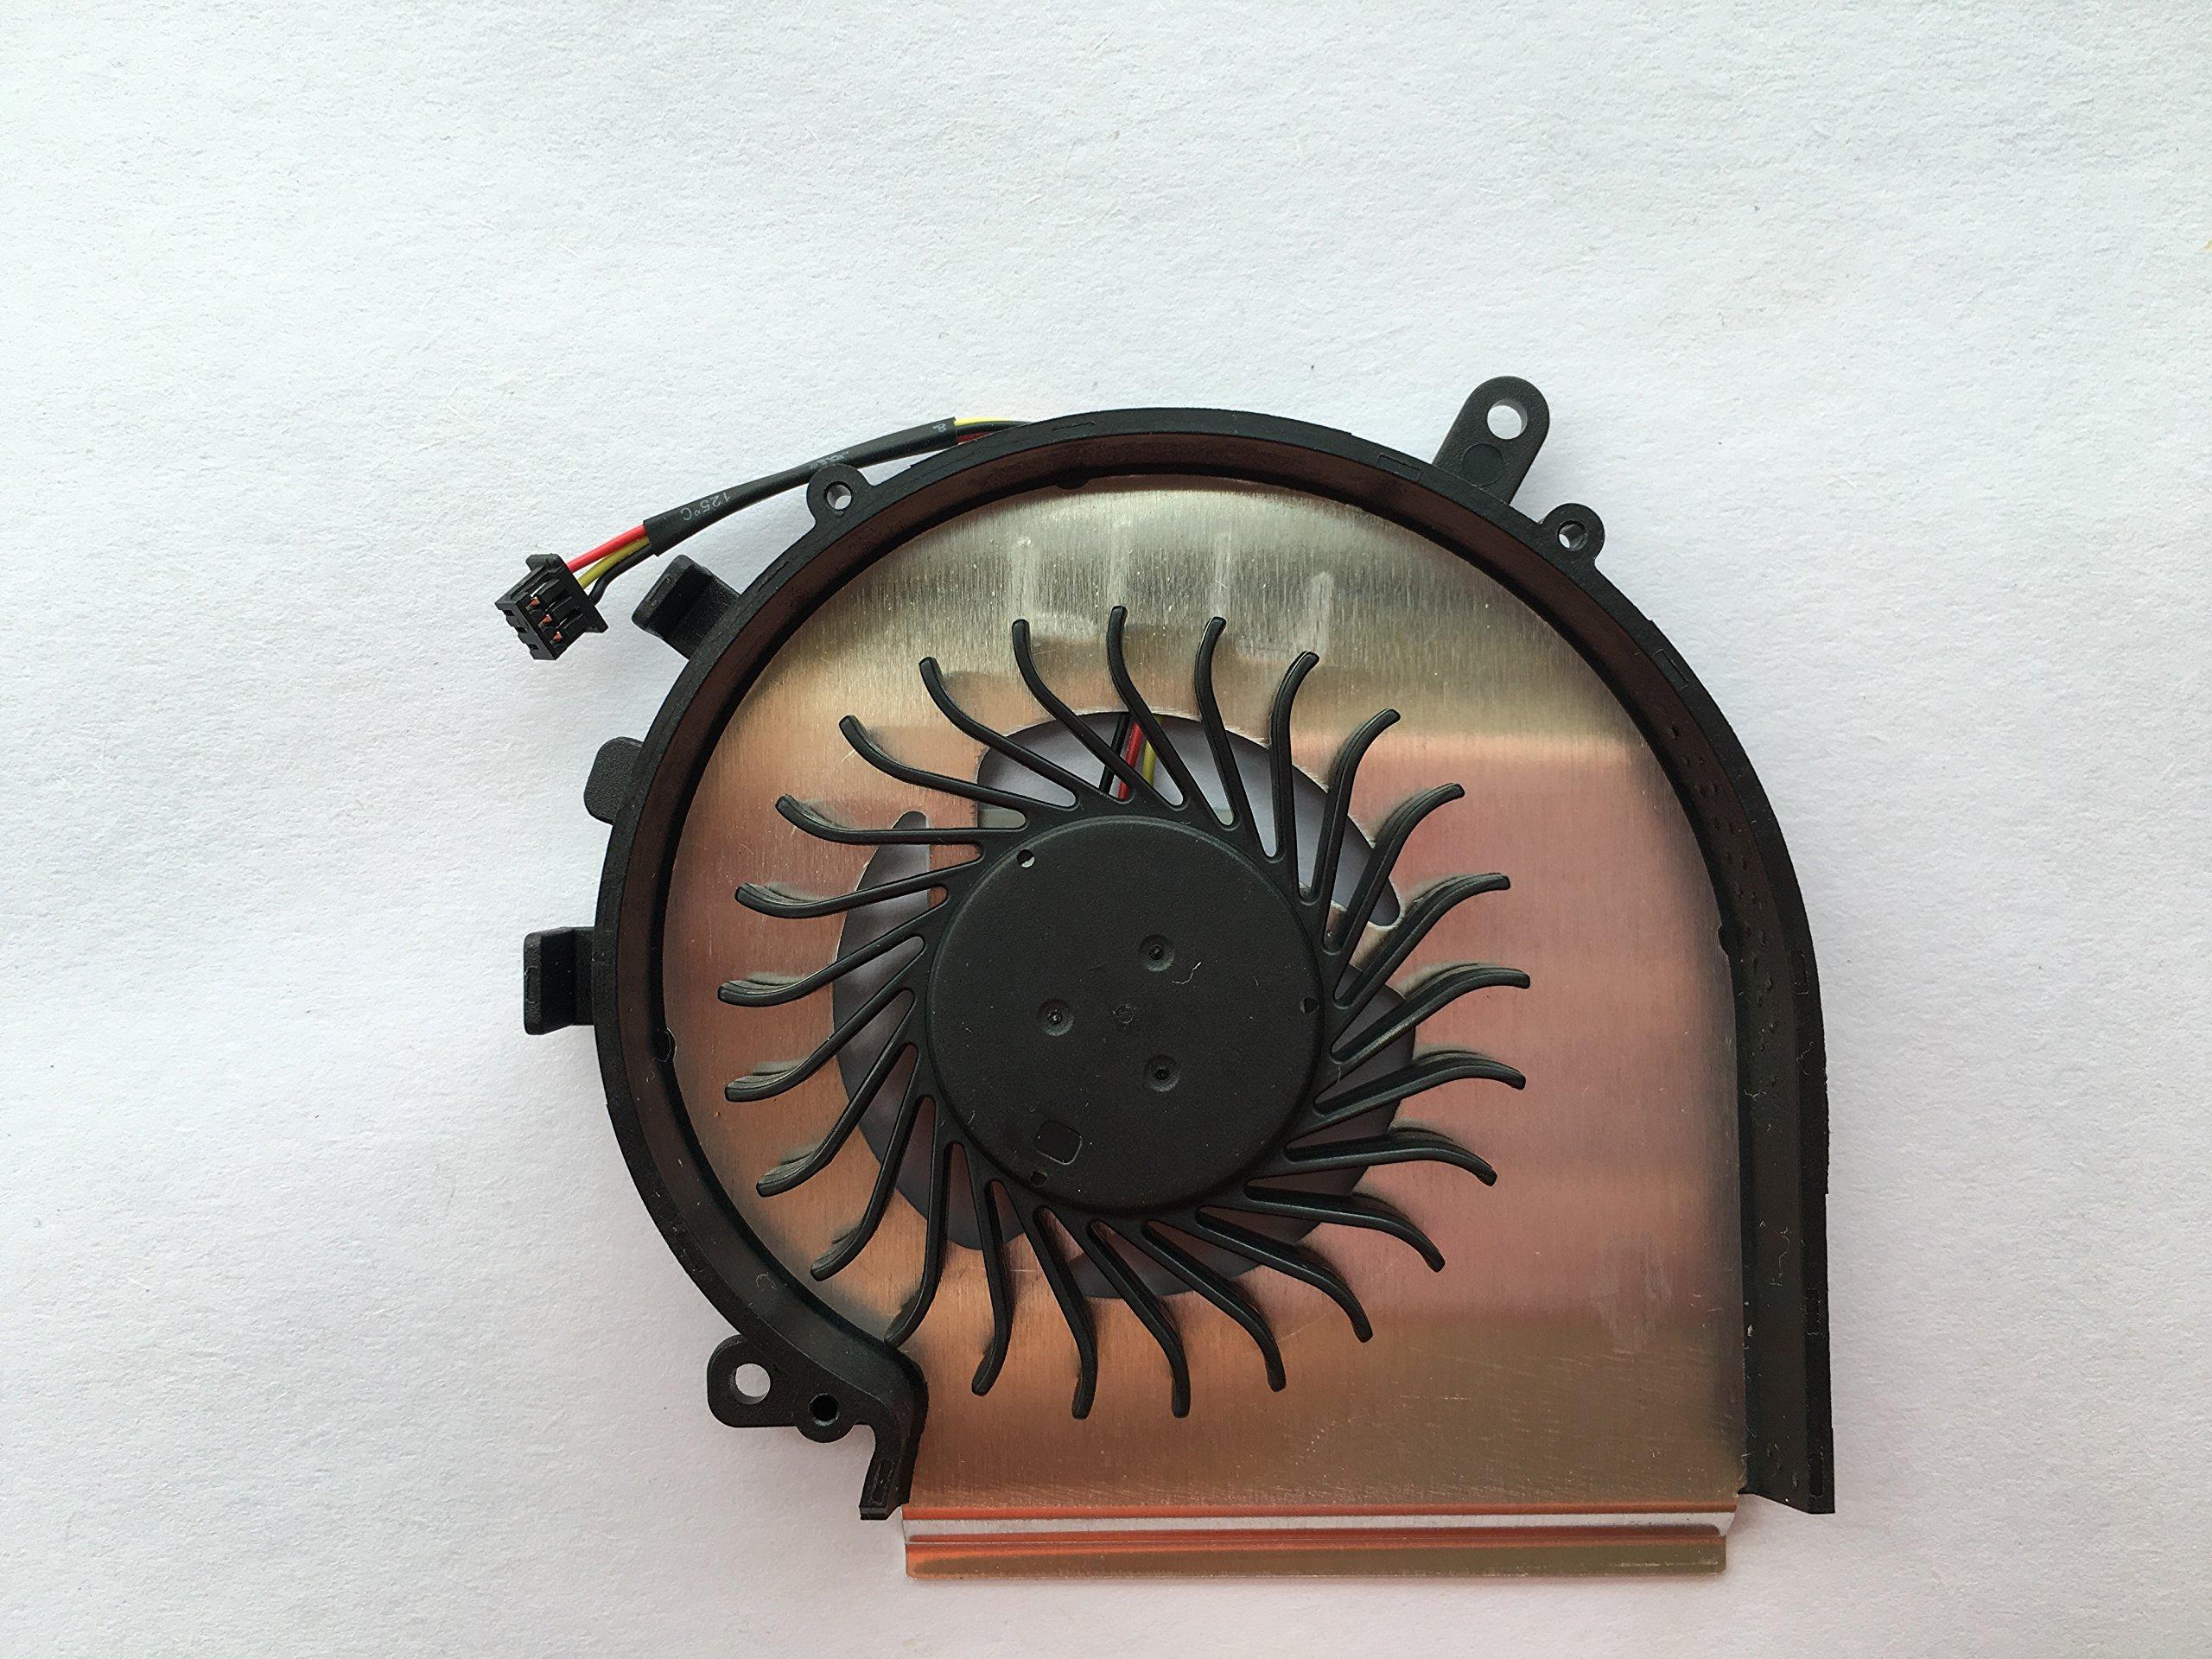 Cooler Para Msi Ms-16j2 Ms-16j1 Ms-16j5 Ms-1792 Ms-1795 Ms-1